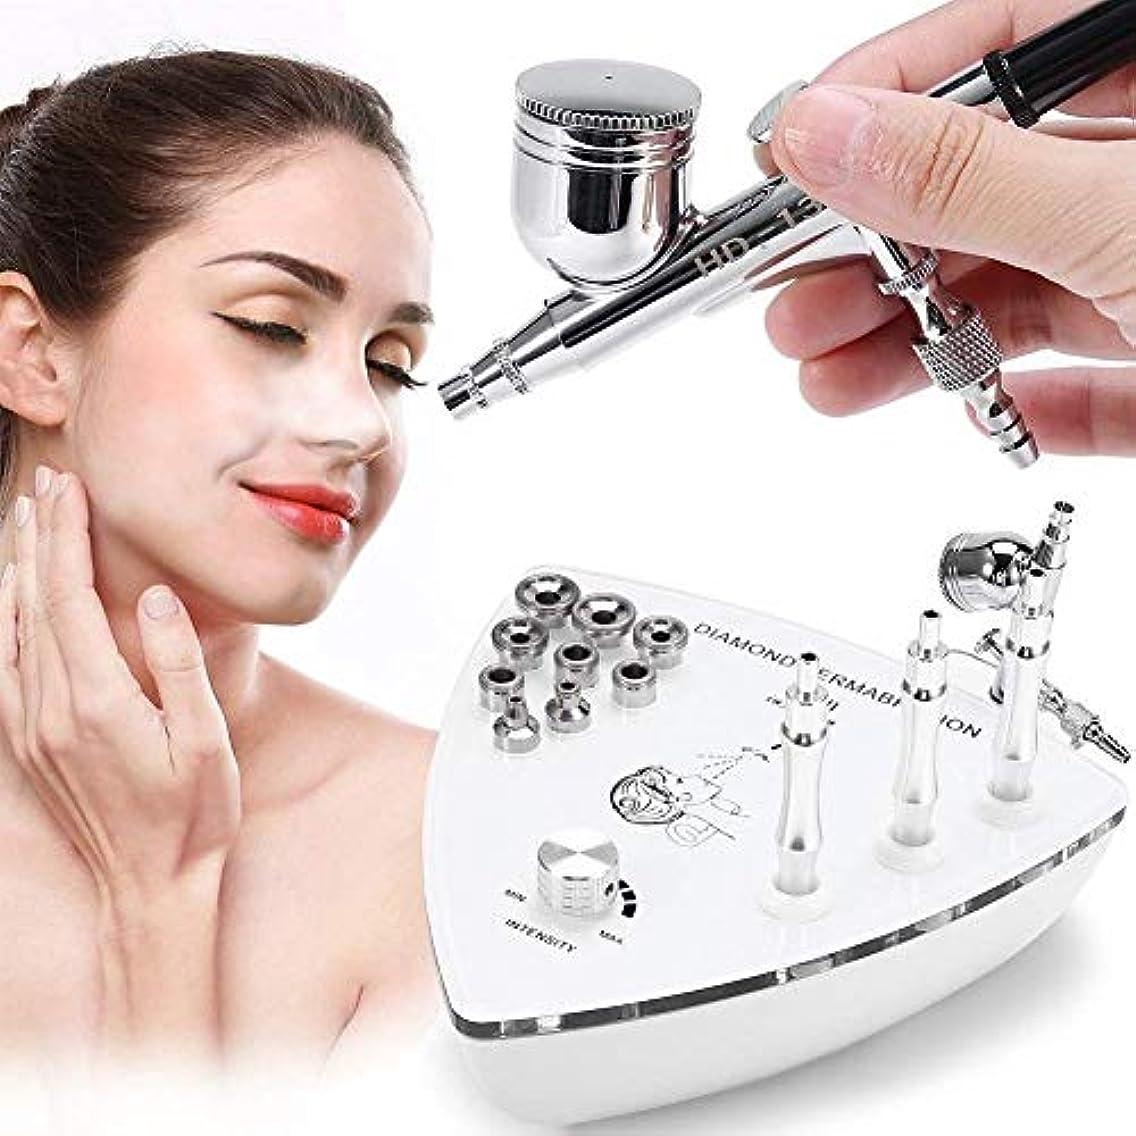 臭い獣言うまでもなく専門のダイヤモンドのMicrodermabrasion Dermabrasion機械、顔の心配の皮装置水スプレーのしわの取り外しの皮のきつく締まる剥離のための家の使用のための装置